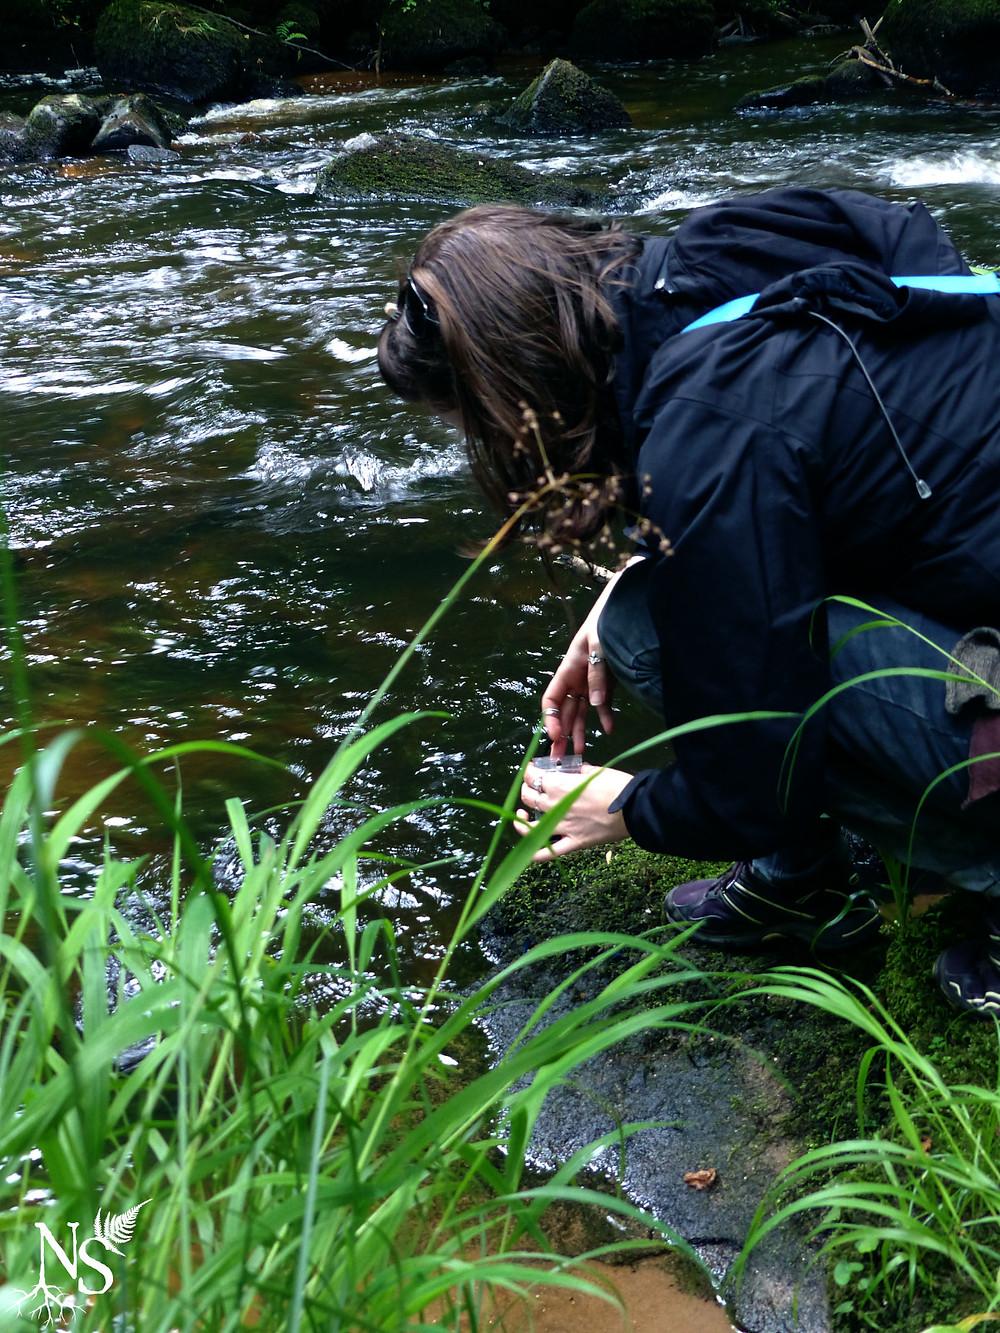 une femme ramassant des ailes de libellule au bord de la rivière